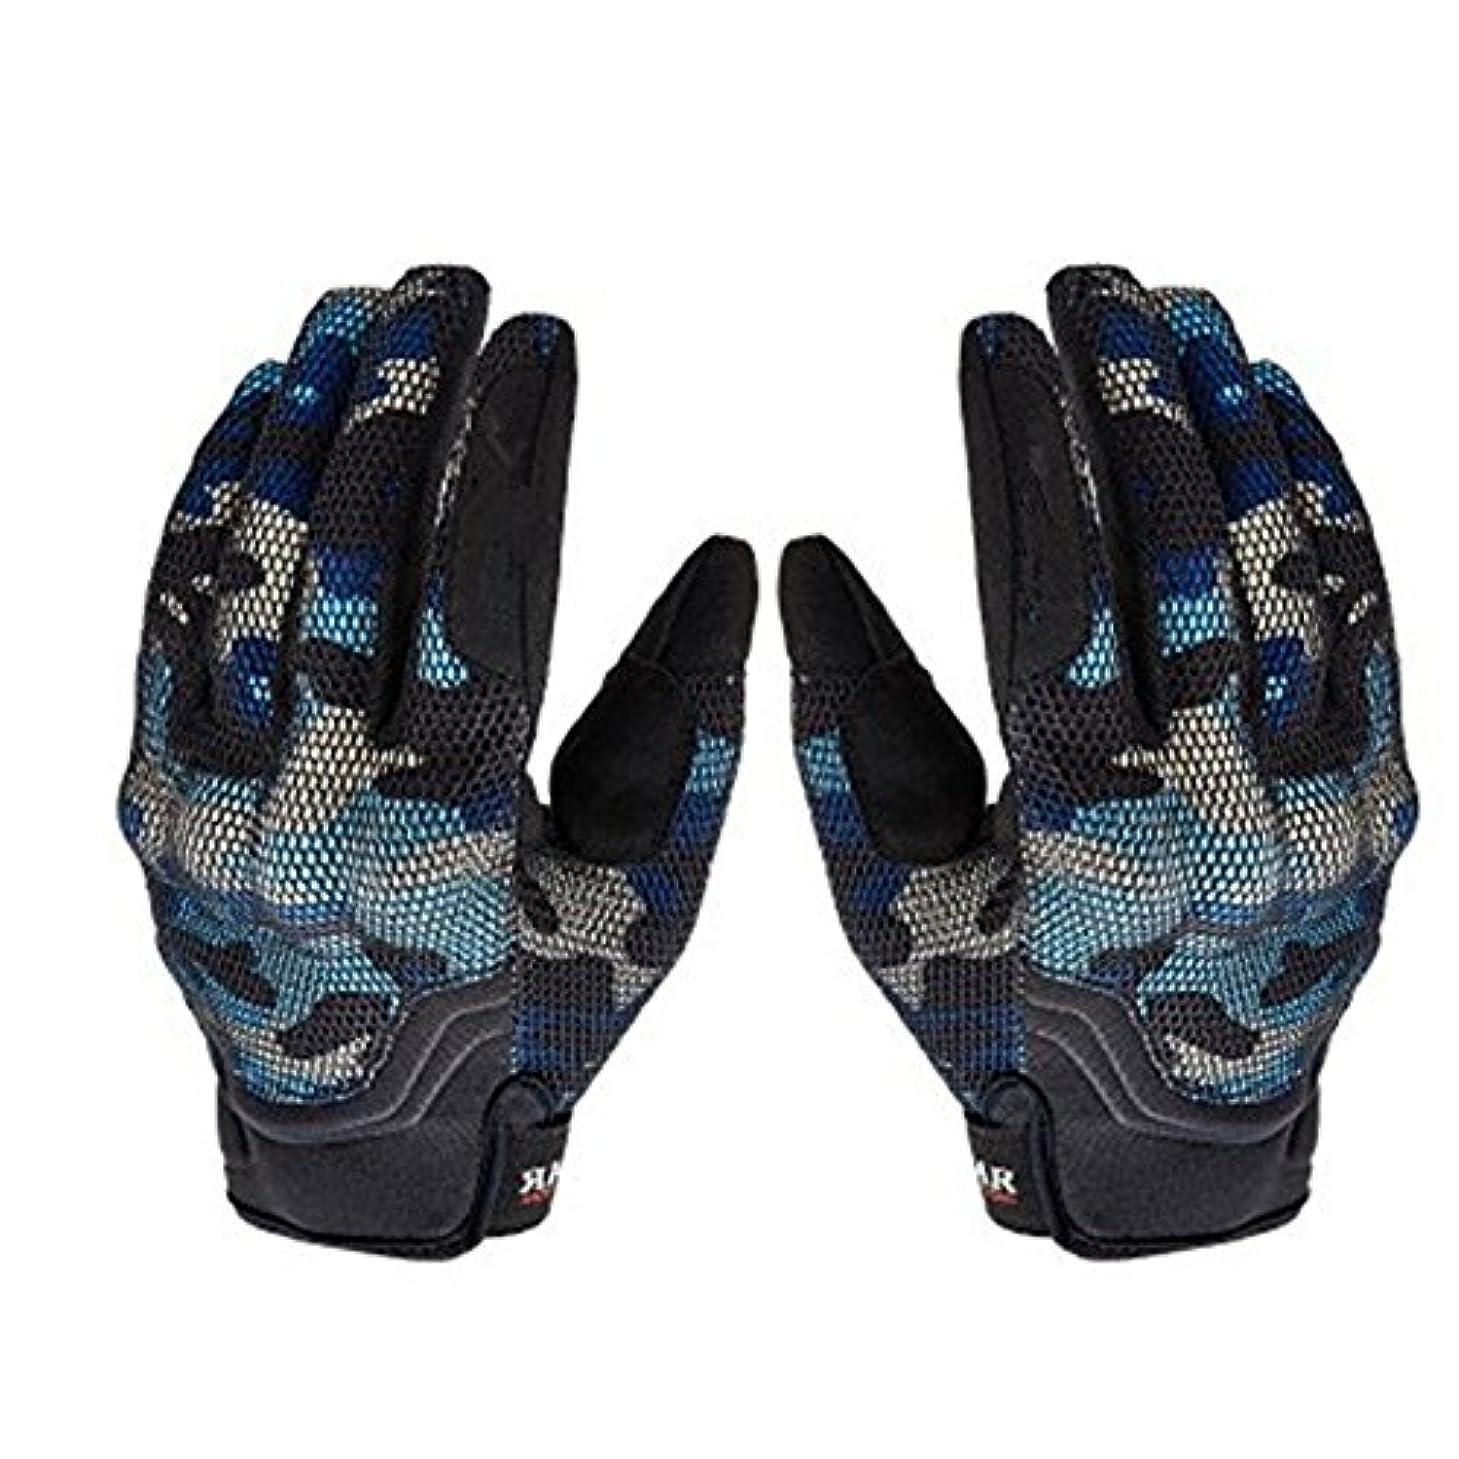 秀でる昇る衝突タッチスクリーンフルフィンガーオートバイ手袋オートバイクライミングハイキングハンティング釣り (色 : 青, サイズ : M)